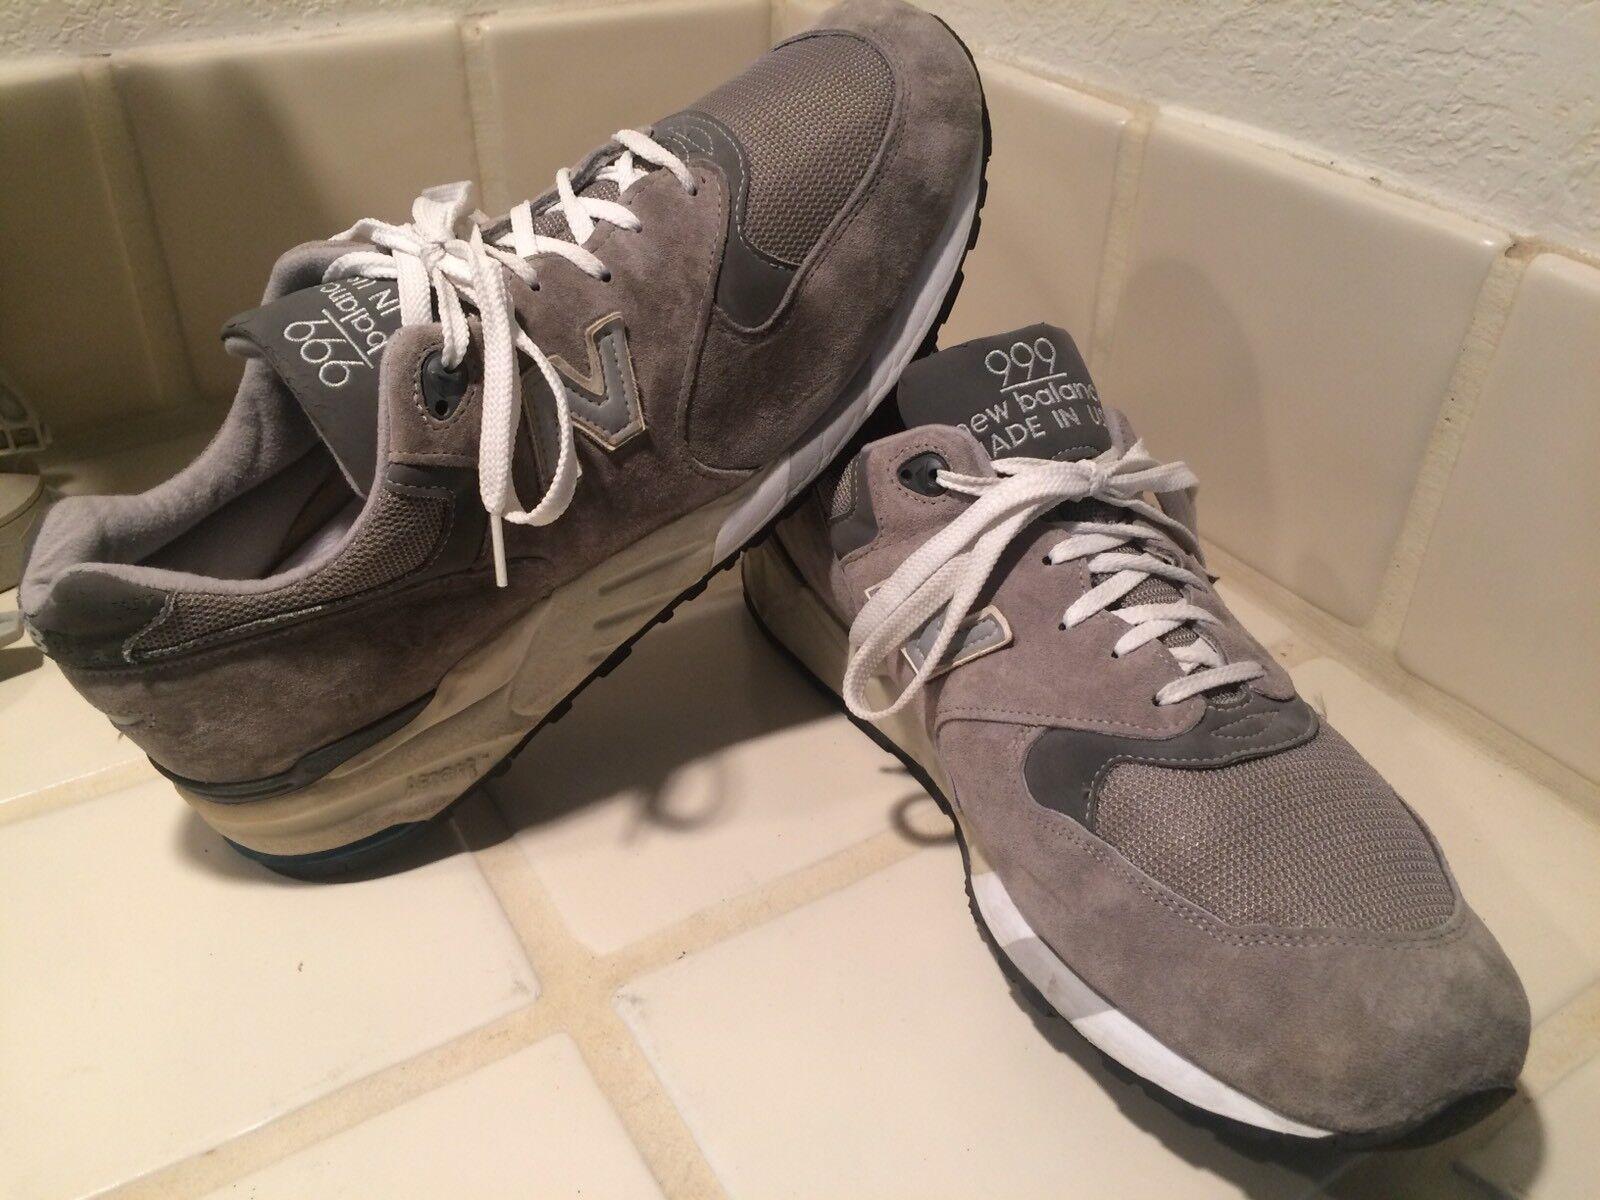 New balance M999gr gris E Hecho en EE. UU. 999 calzado para correr